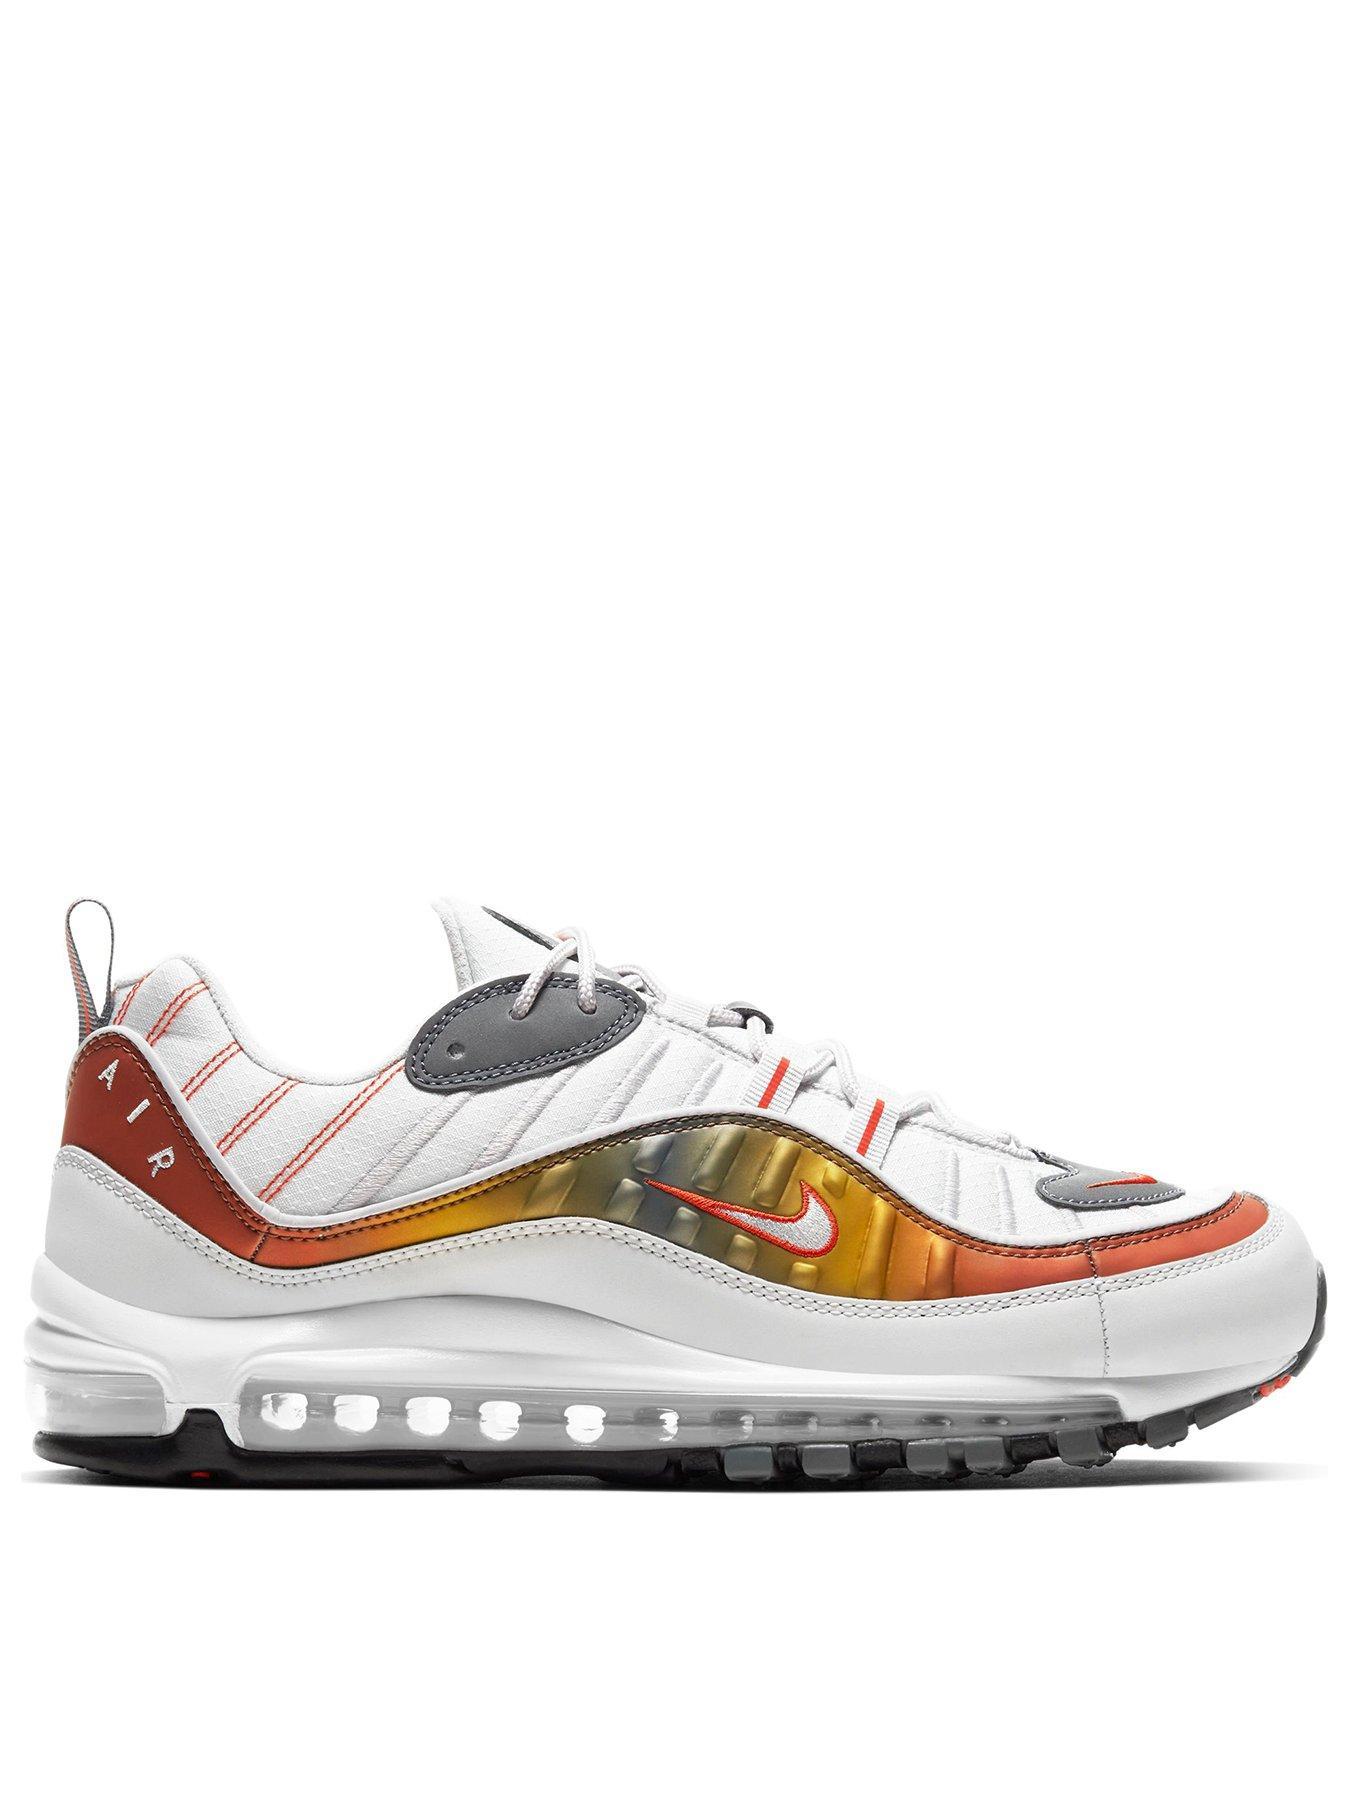 Nike Air Max 98 SE WhiteKhaki | very